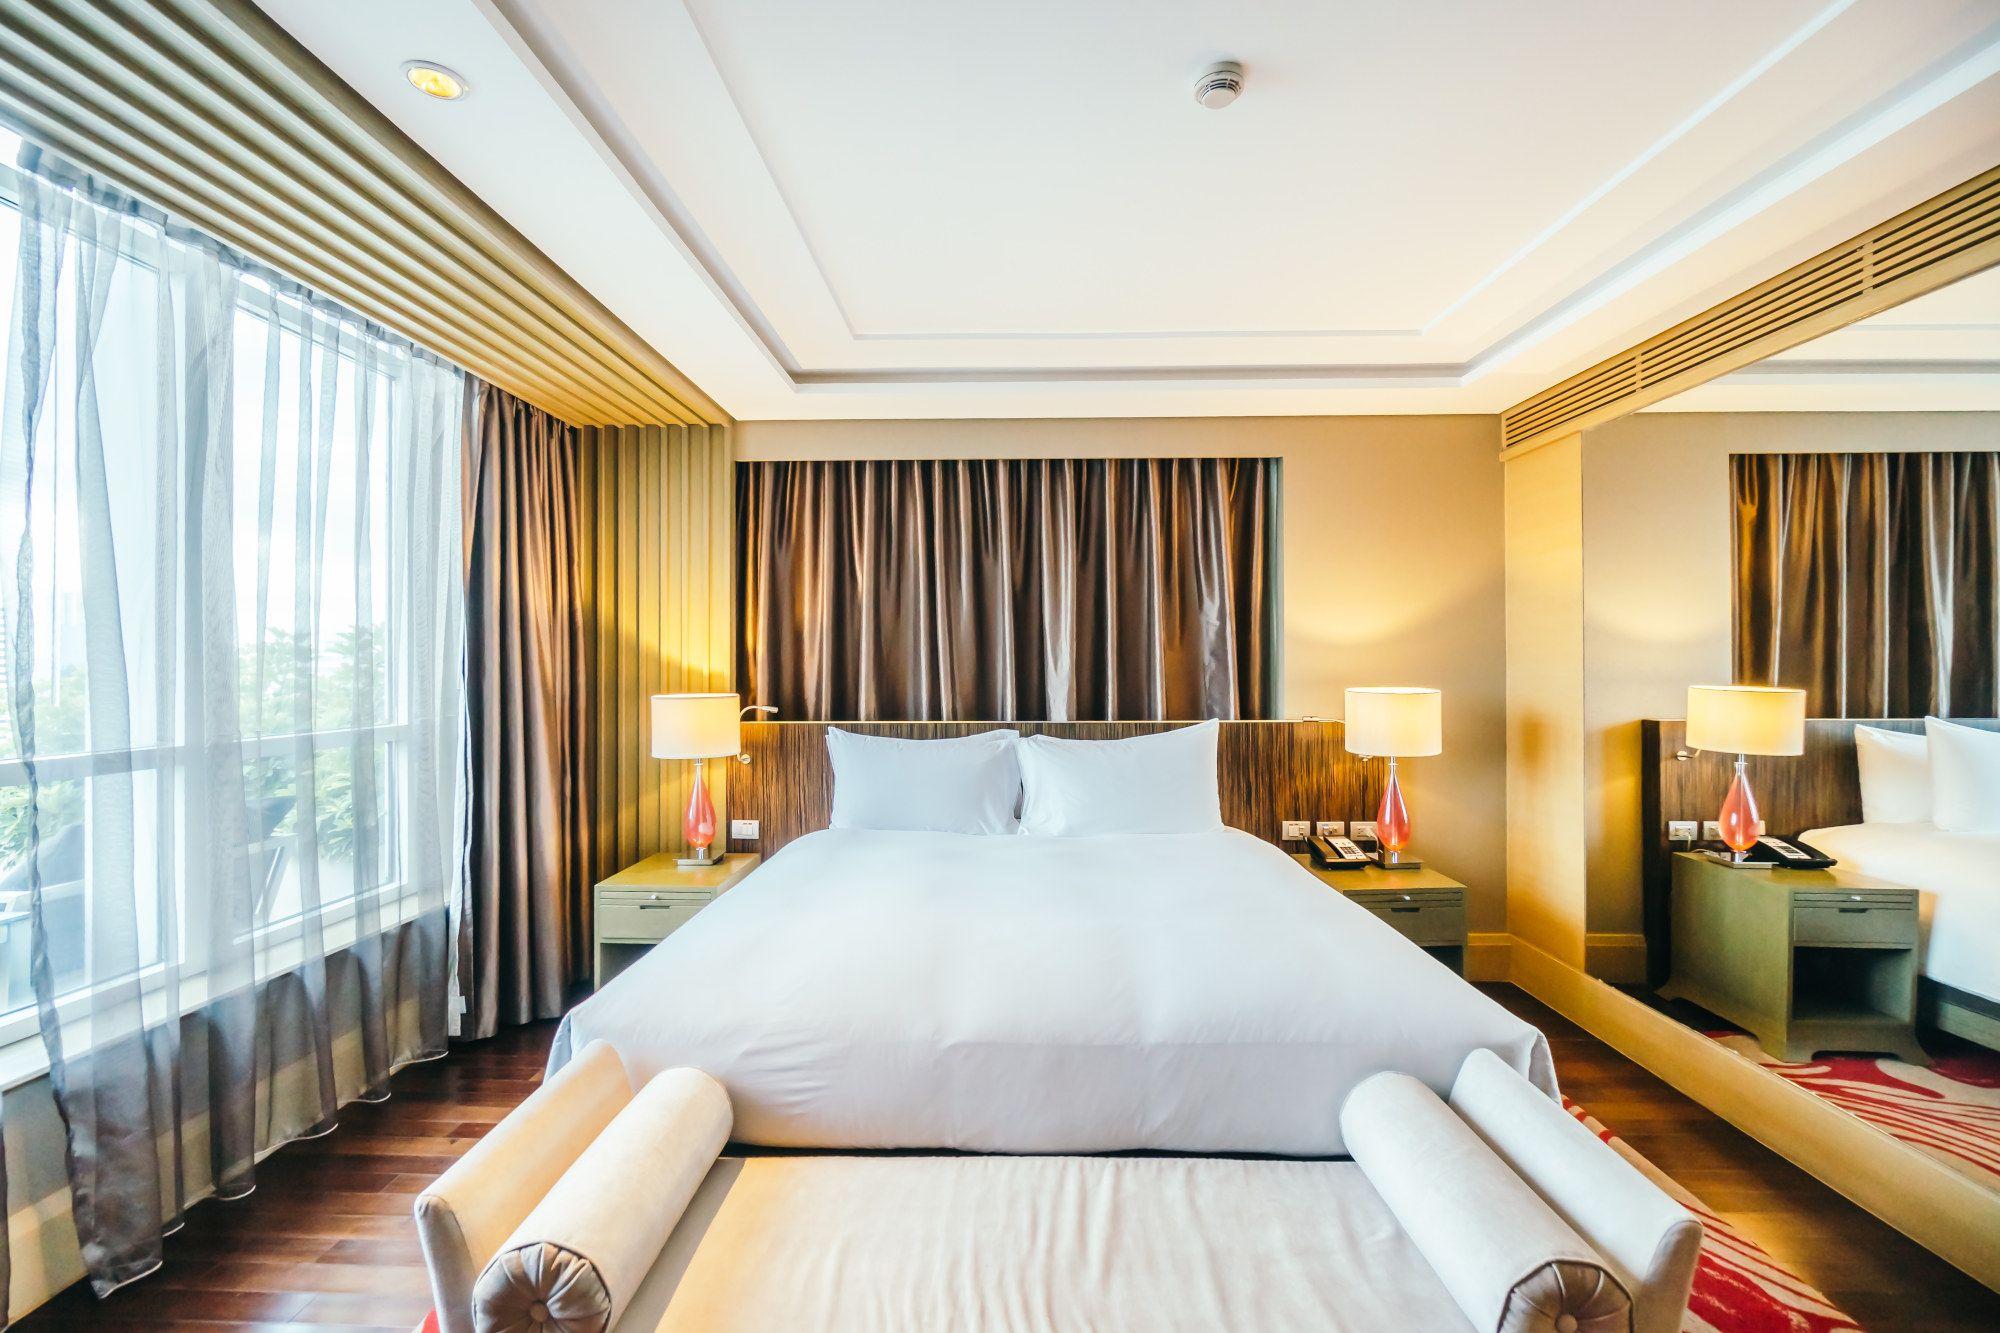 39+ Hotel avec miroir dans la chambre trends